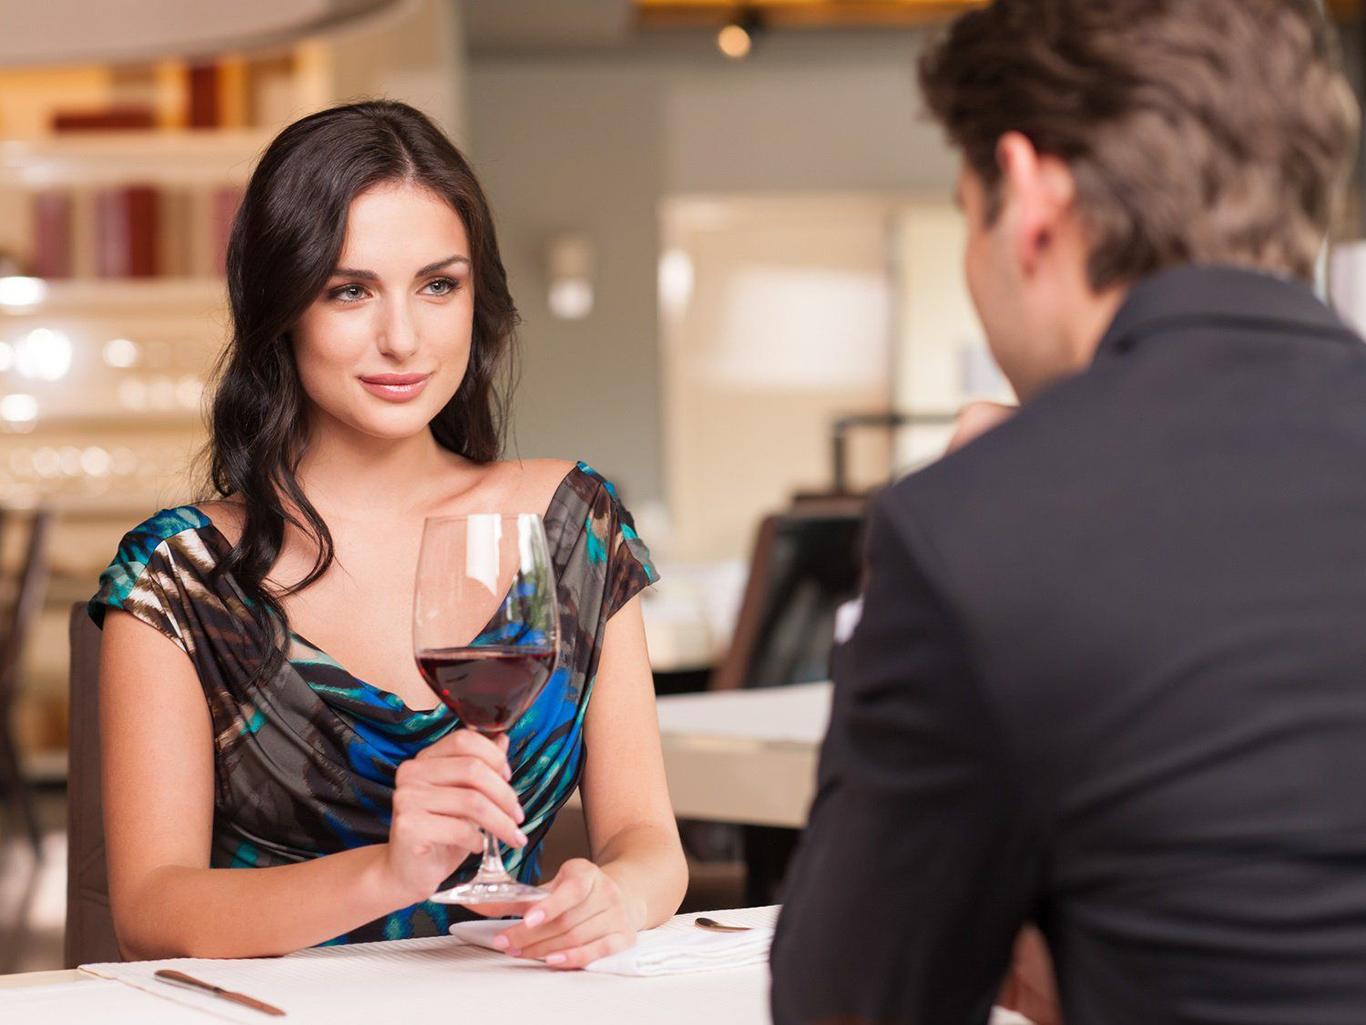 Пять поступков, которые сделают первое свидание последним